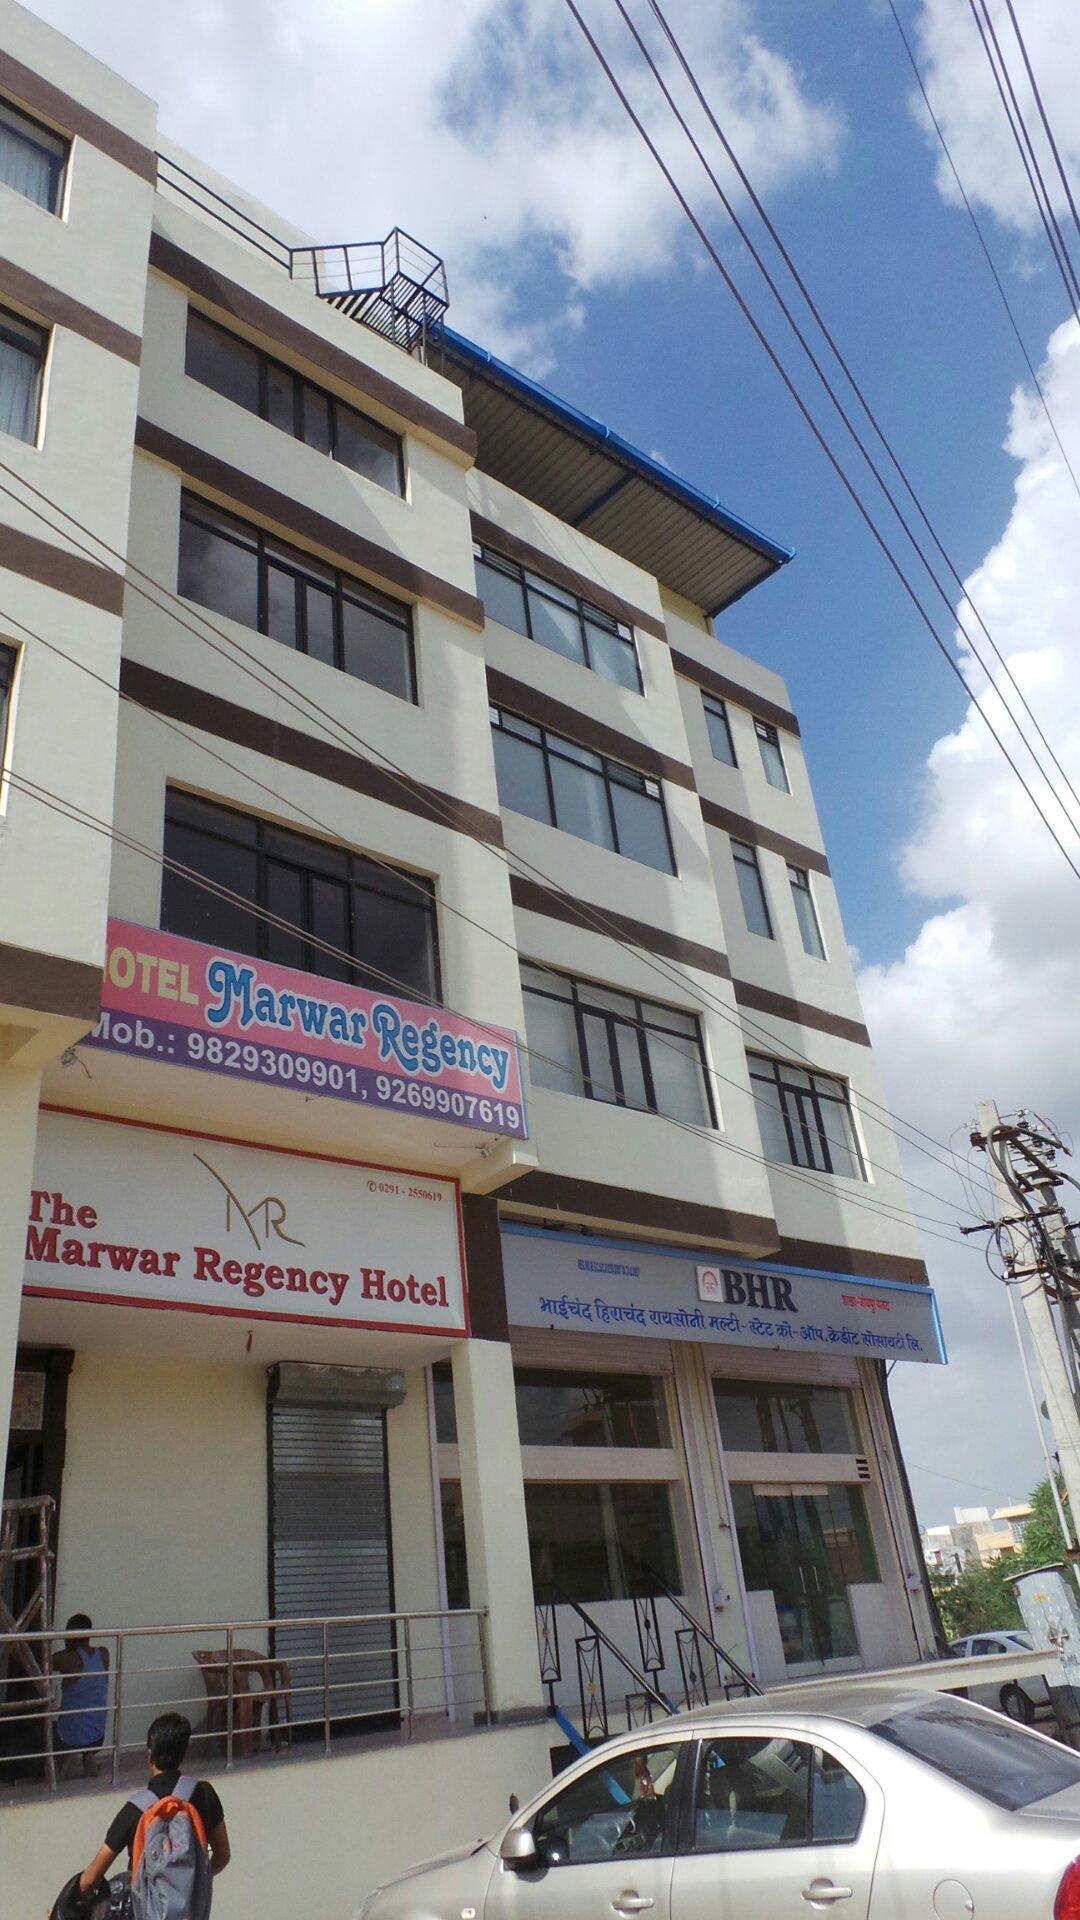 The Marwar Regency Hotel in Jodhpur